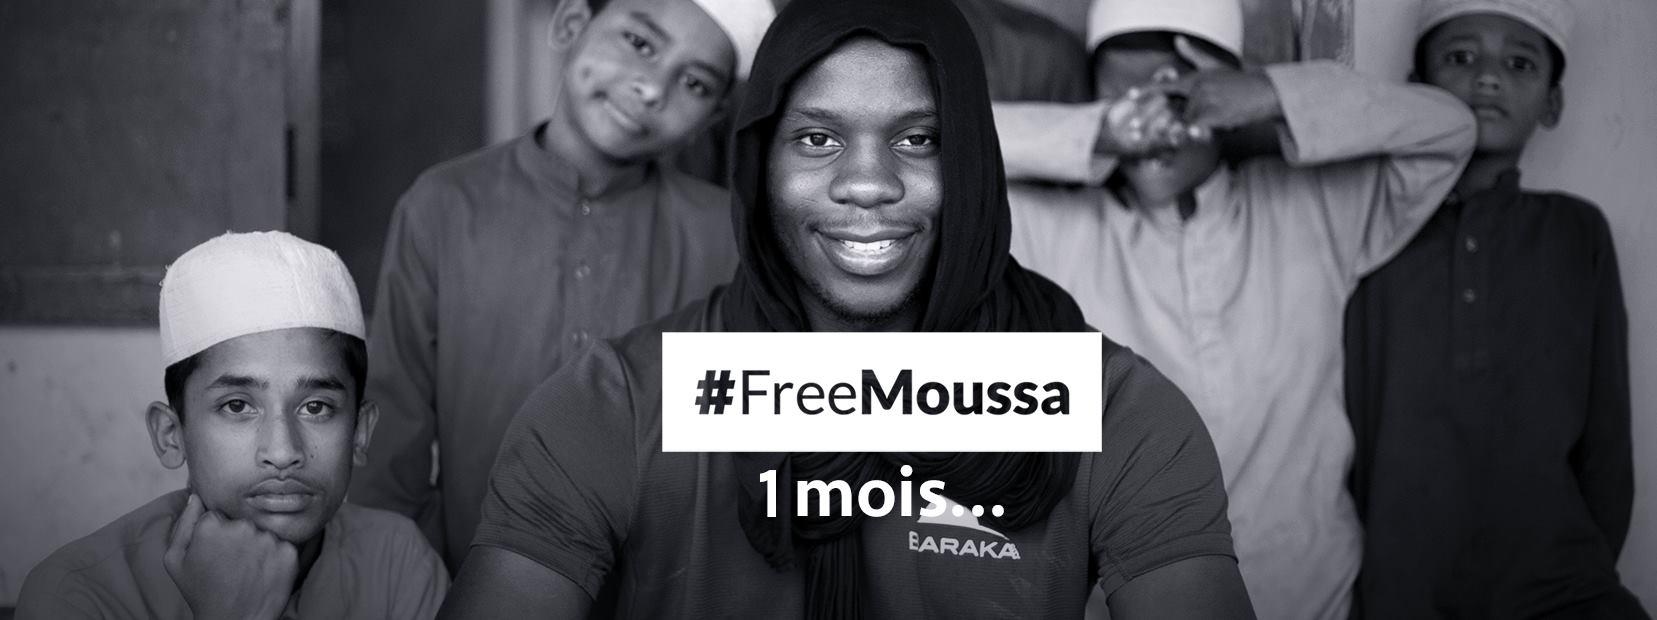 #FreeMoussa : audience cruciale au Bangladesh pour Moussa de BarakaCity